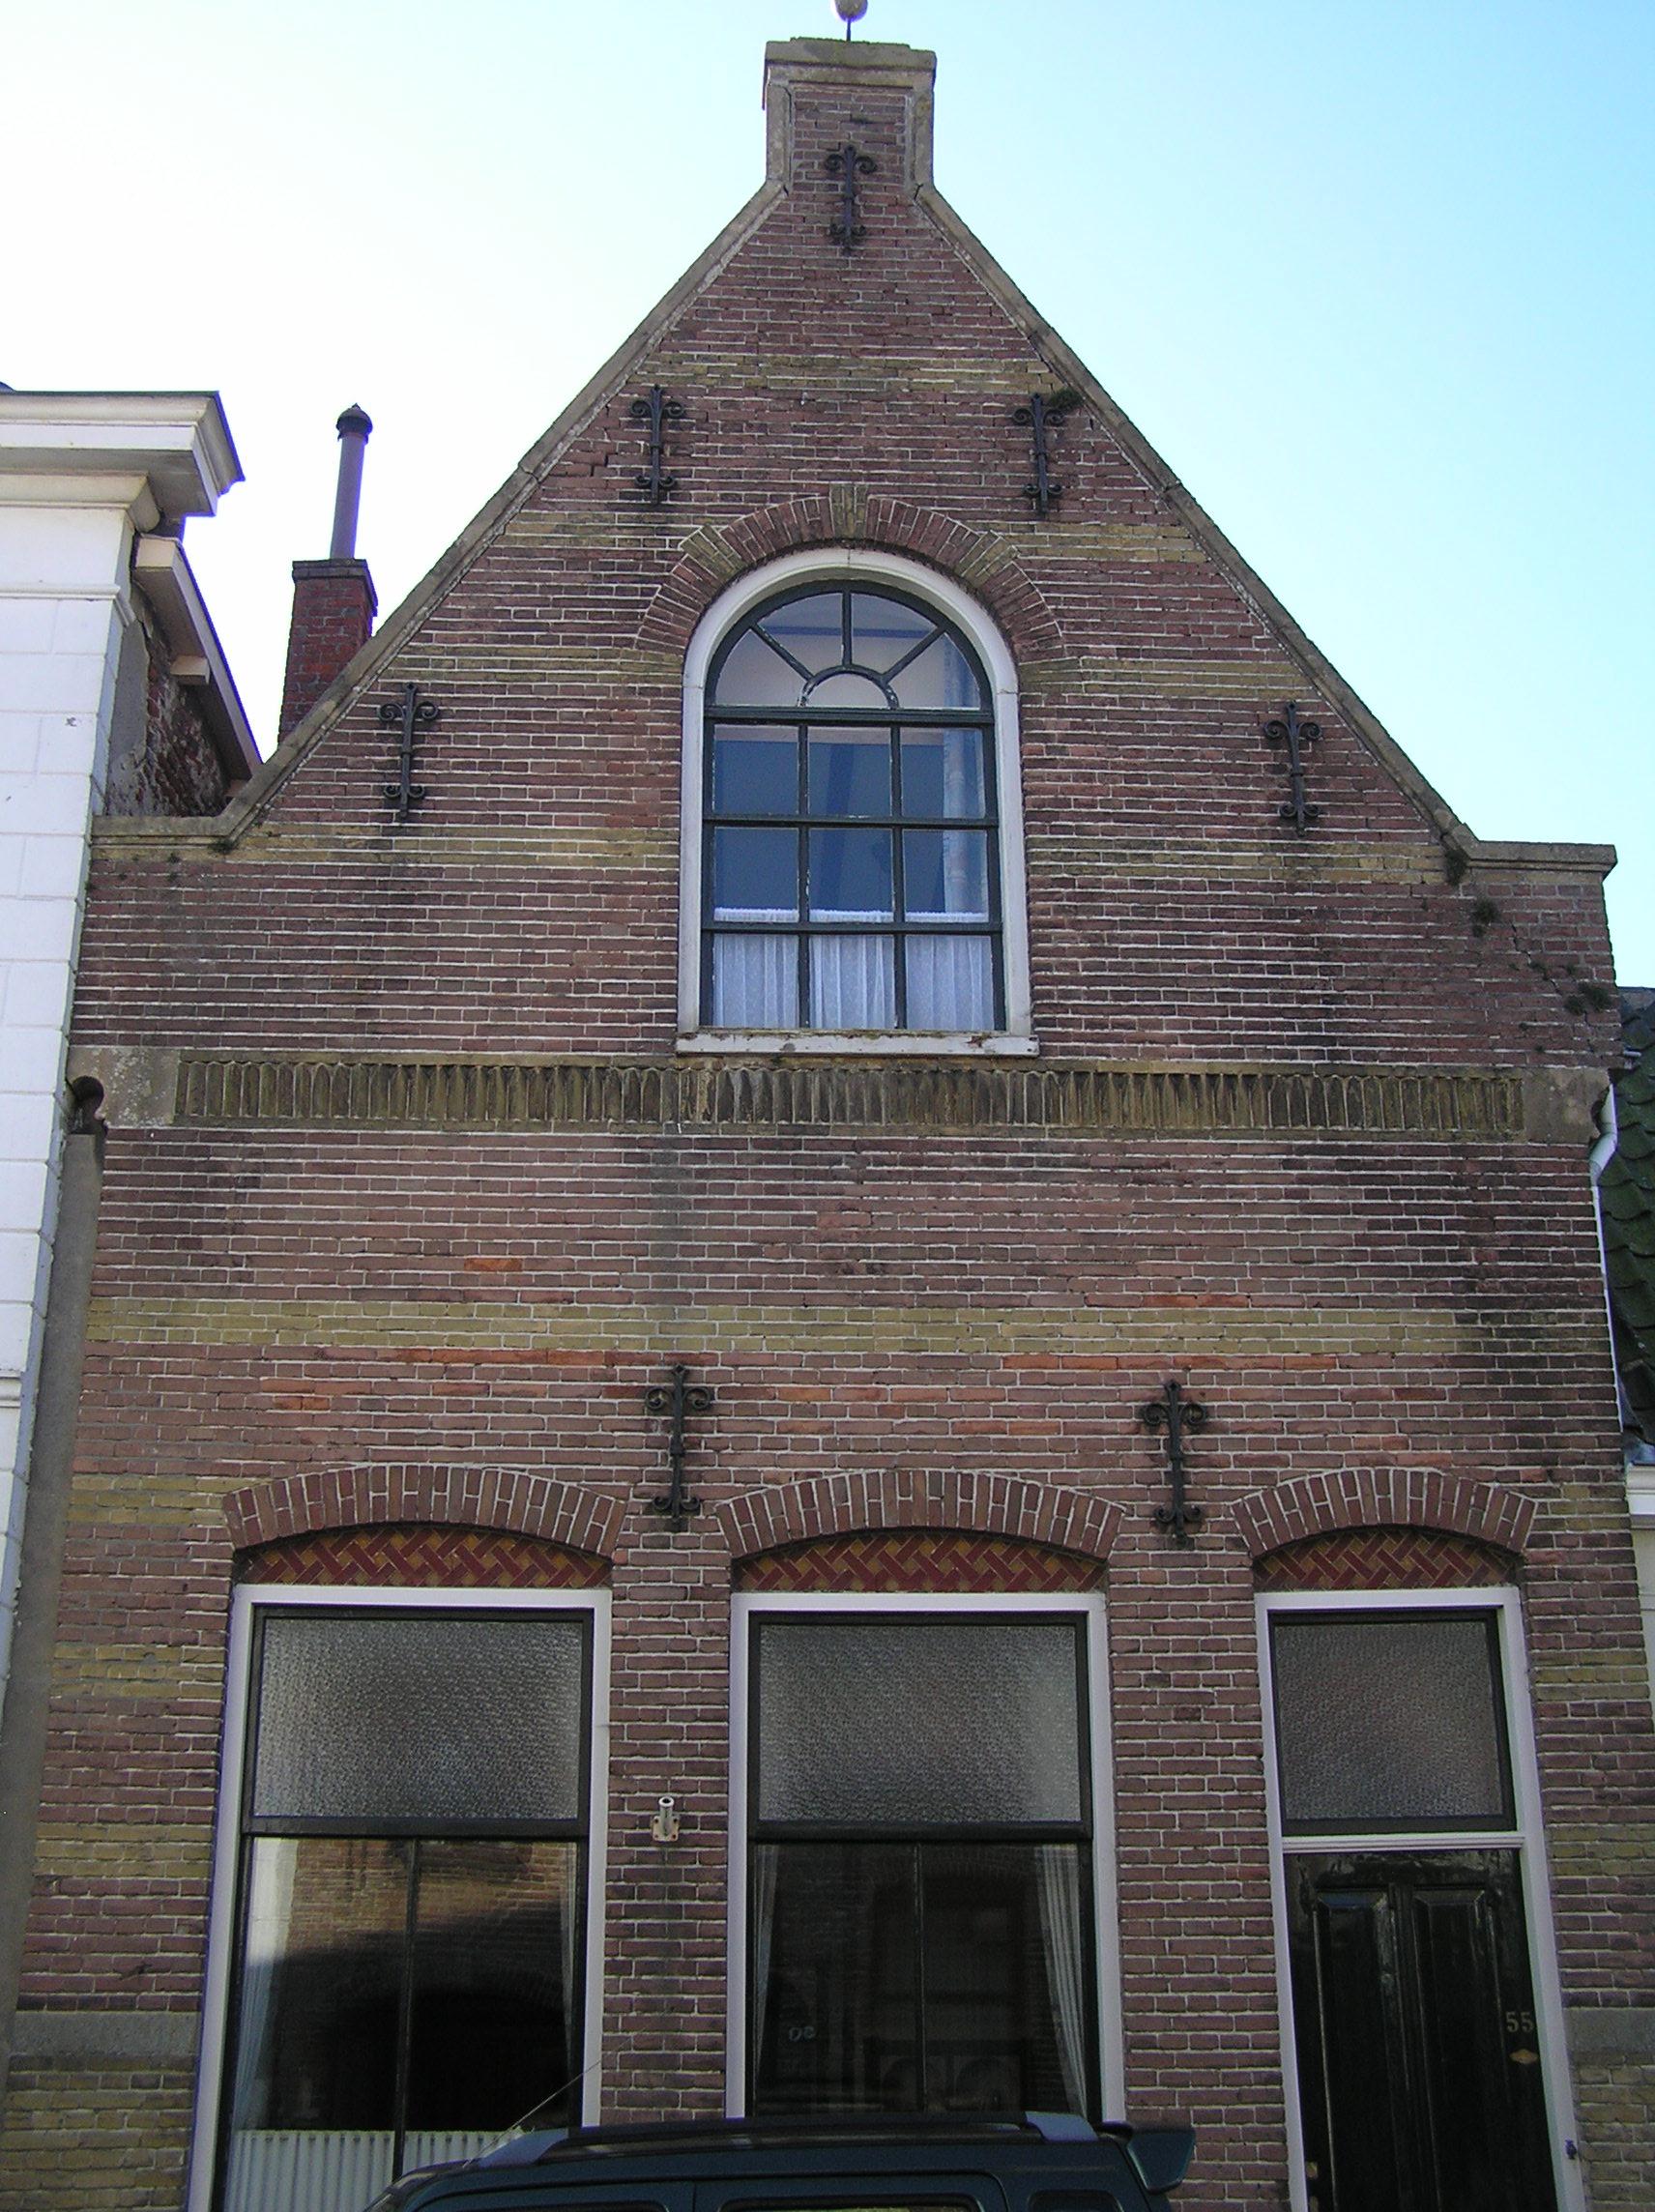 Huis met tuitgevel in zierikzee monument - Foto van eigentijds huis ...